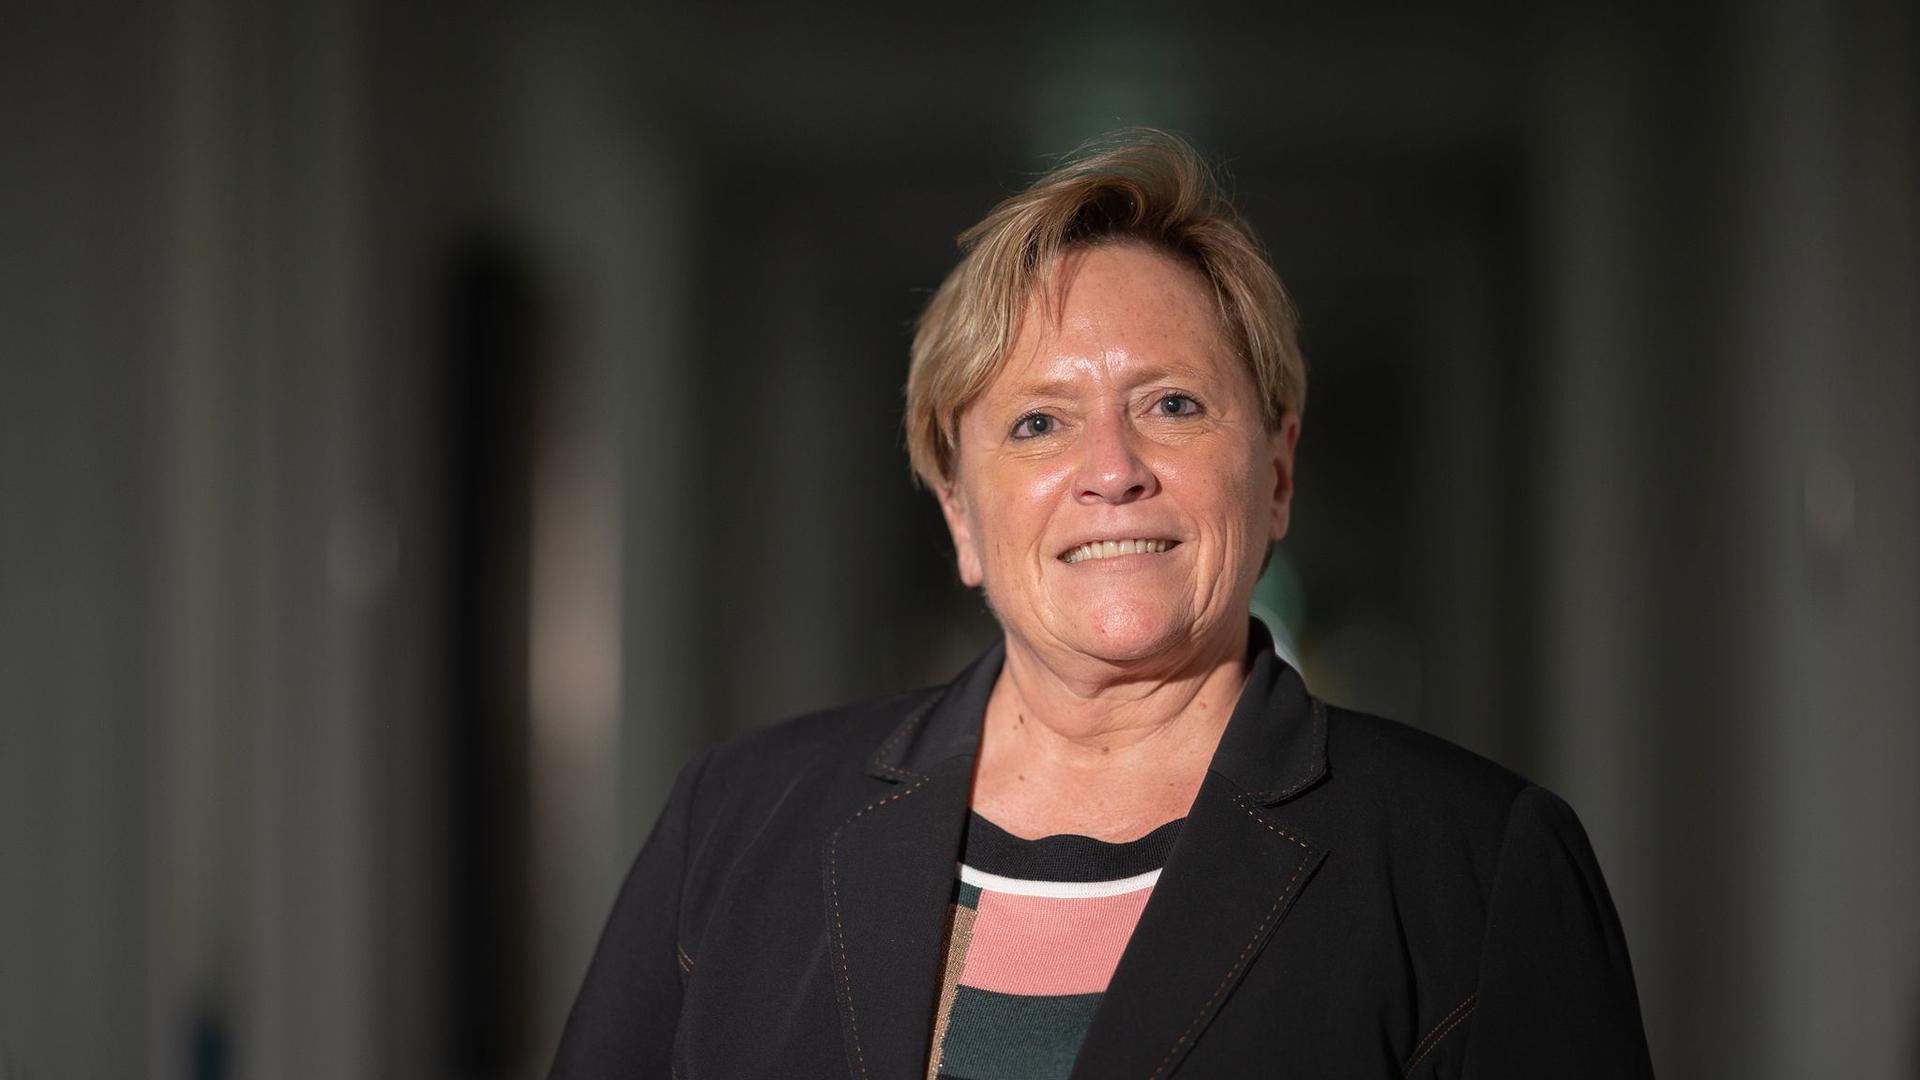 Susanne Eisenmann (CDU), Ministerin für Kultus, Jugend und Sport von Baden-Württemberg, lächelt.